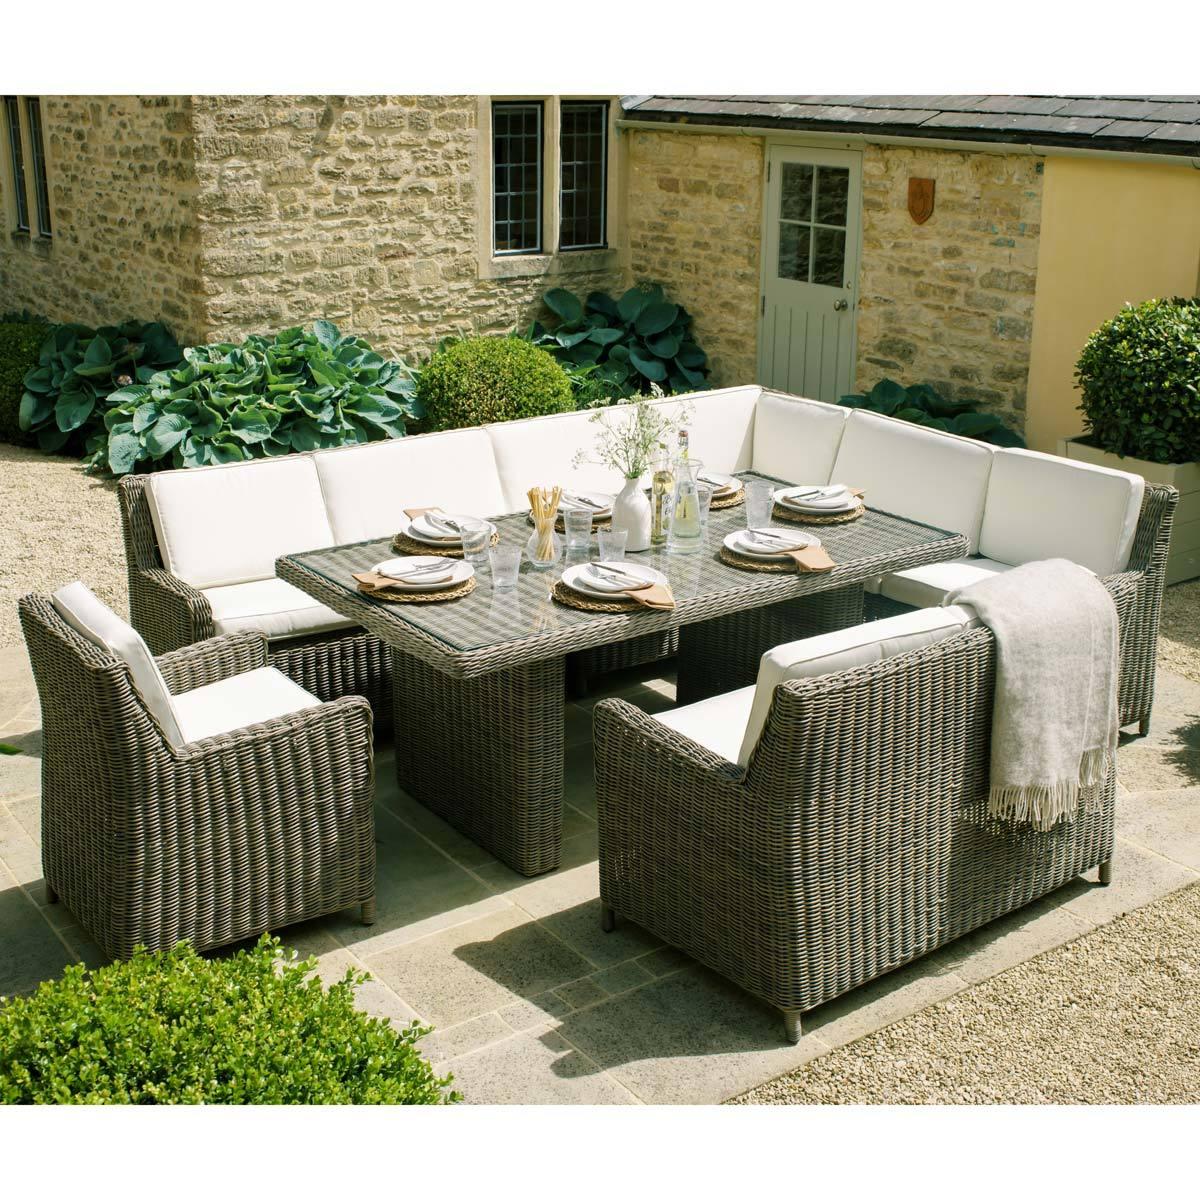 Royal Kensington 12 Piece Handwoven Modular Garden Dining Set + Cover   Costco UK